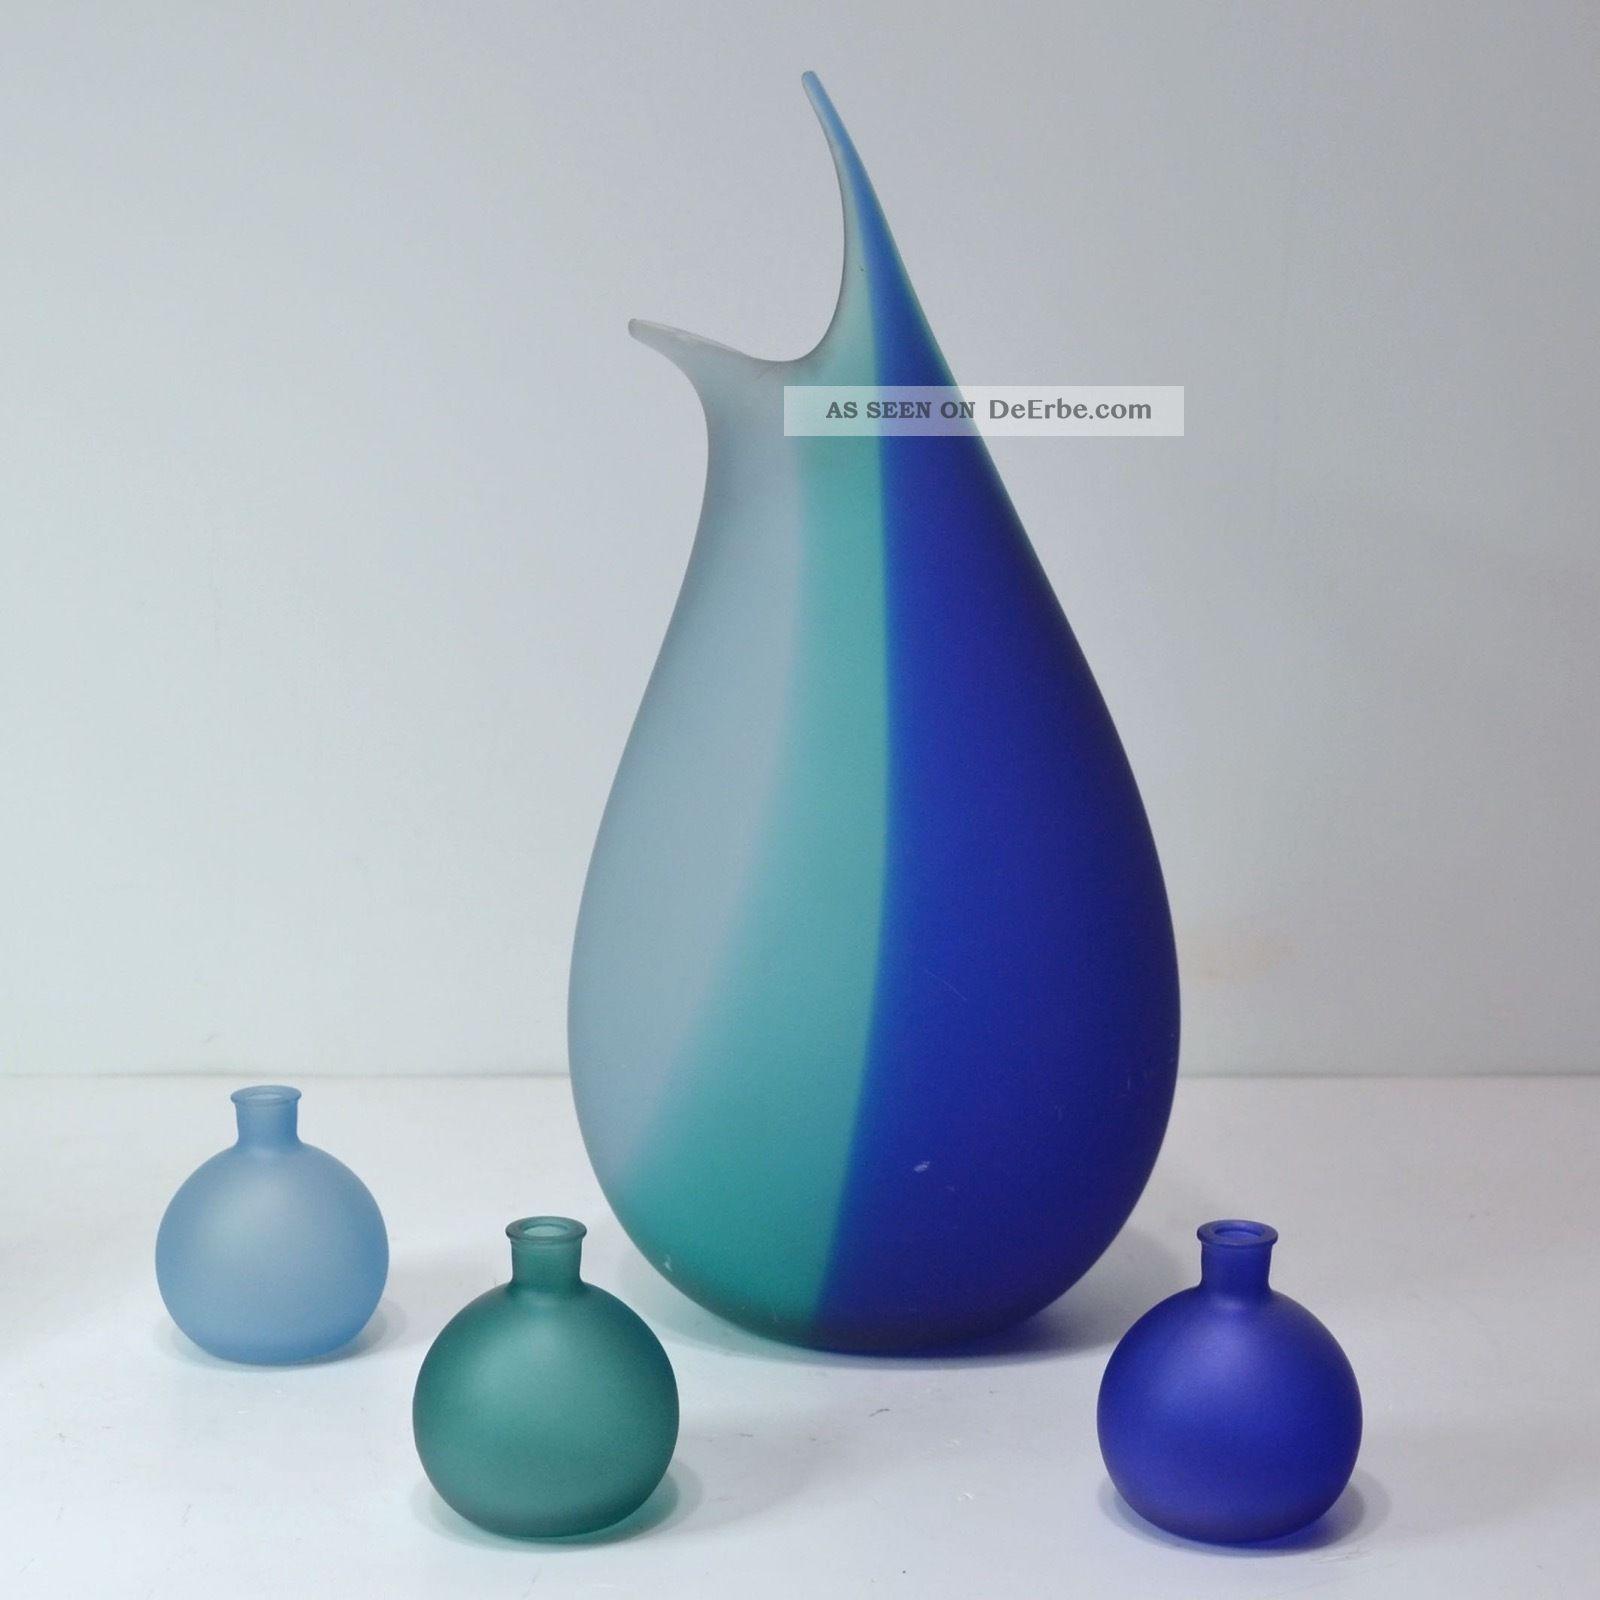 Große Vase 38 Cm,  3 Kleine Kugelvasen Glas Elegant Künstlerisch Sammlerglas Bild